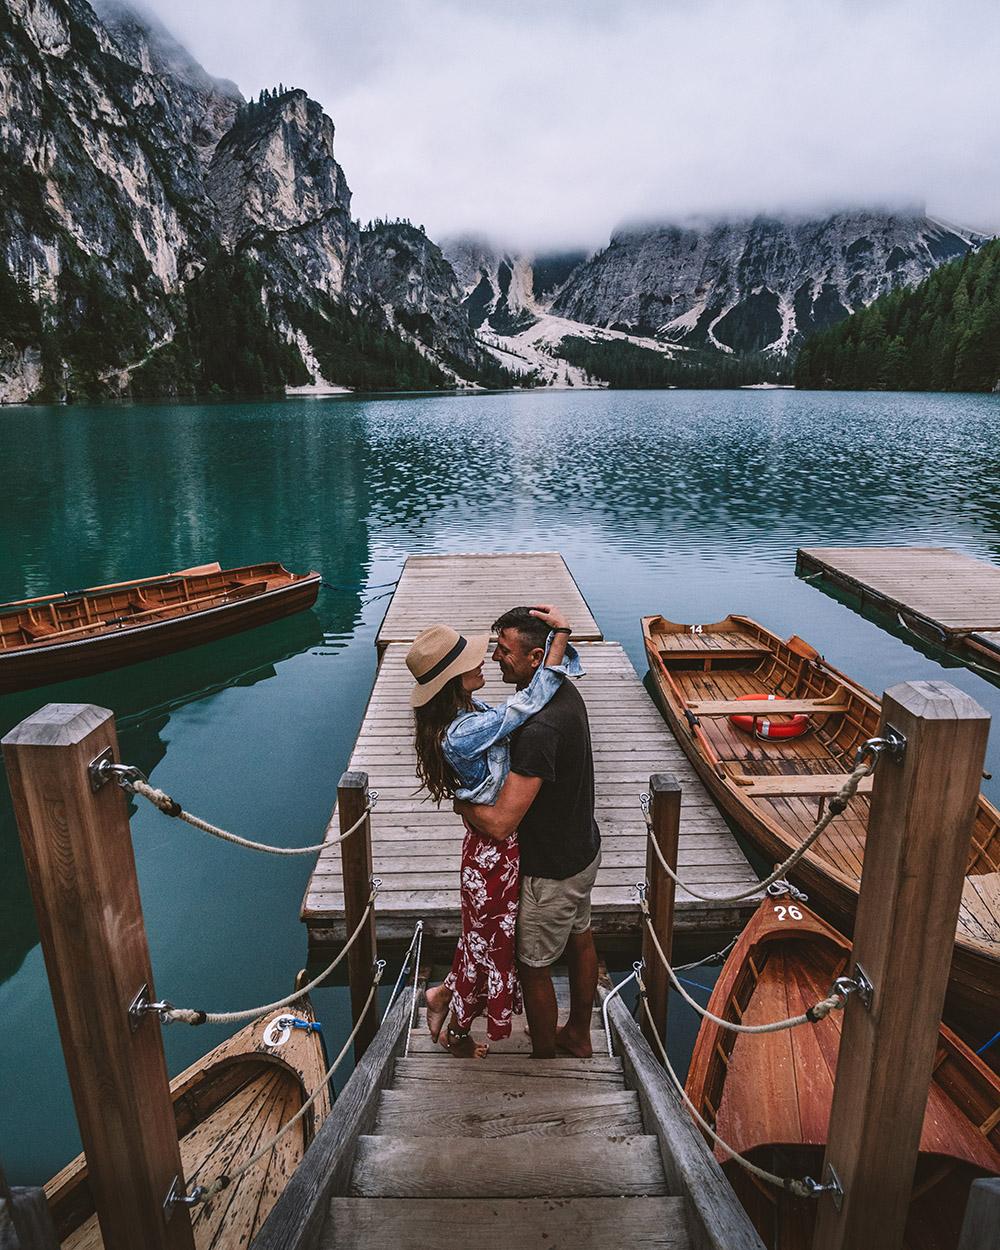 Una ruta por Dolomitas no estaría completa sin visitar el famoso lago di Braies